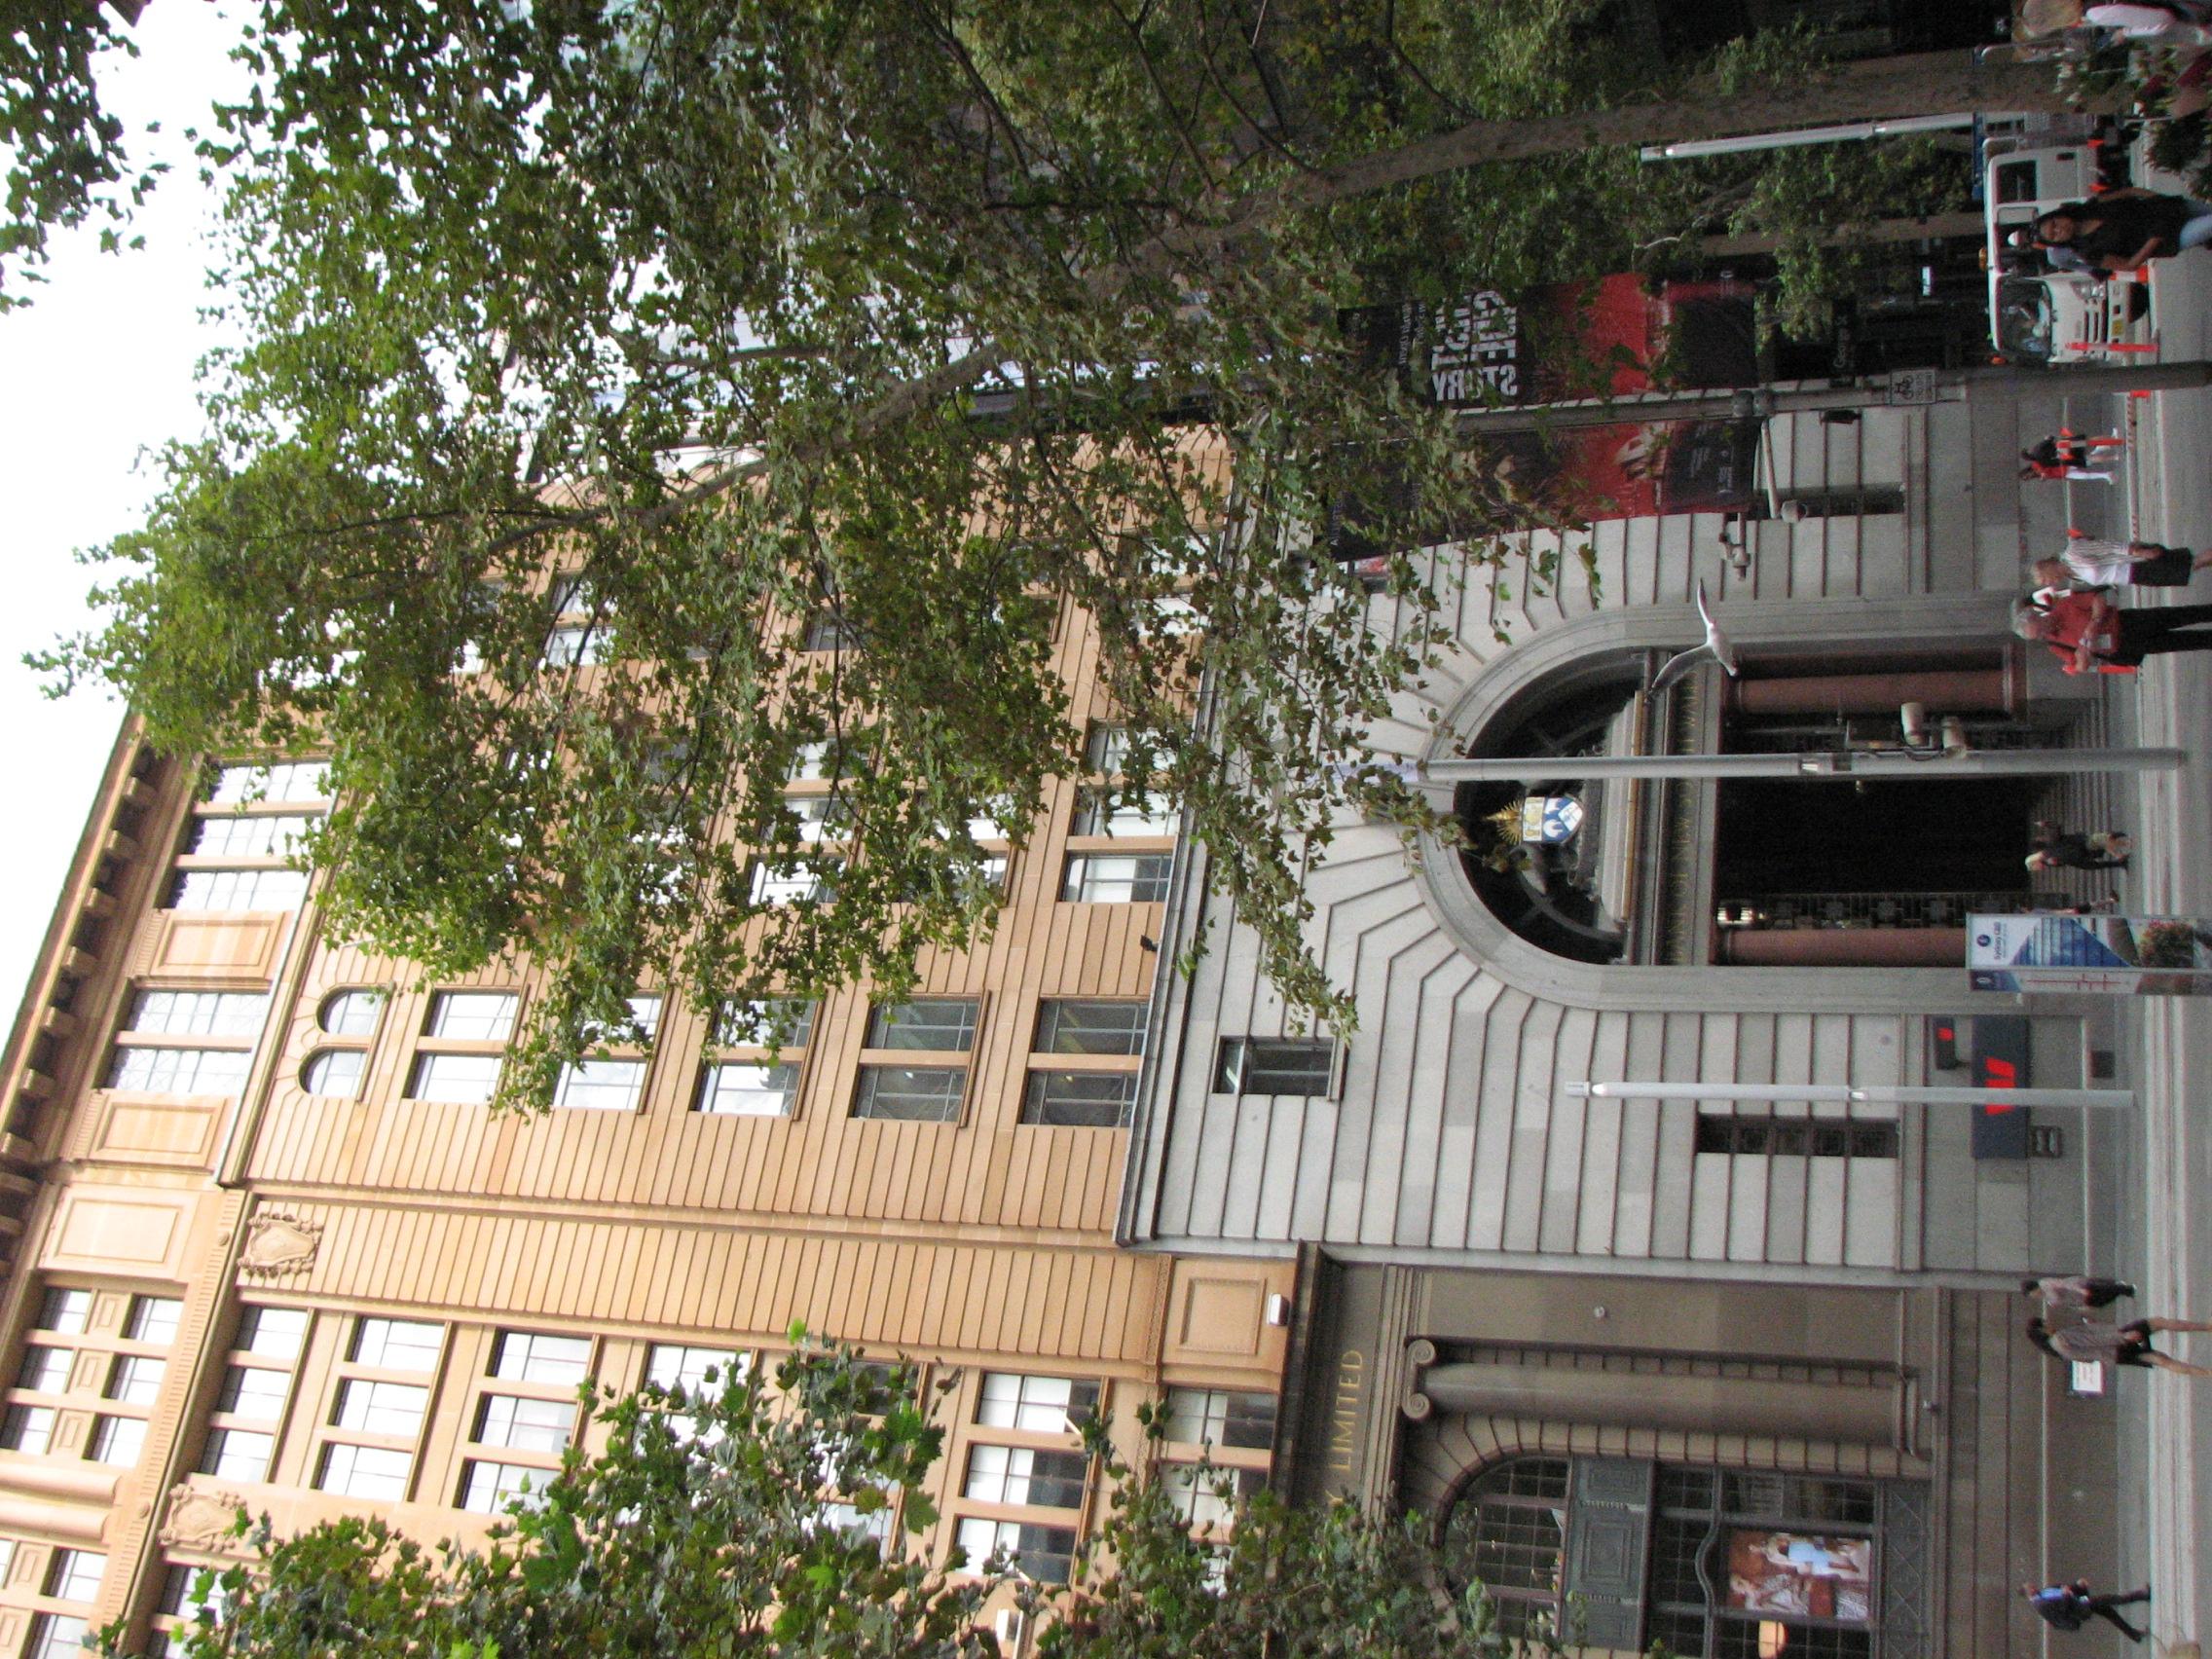 Club x sydney george street